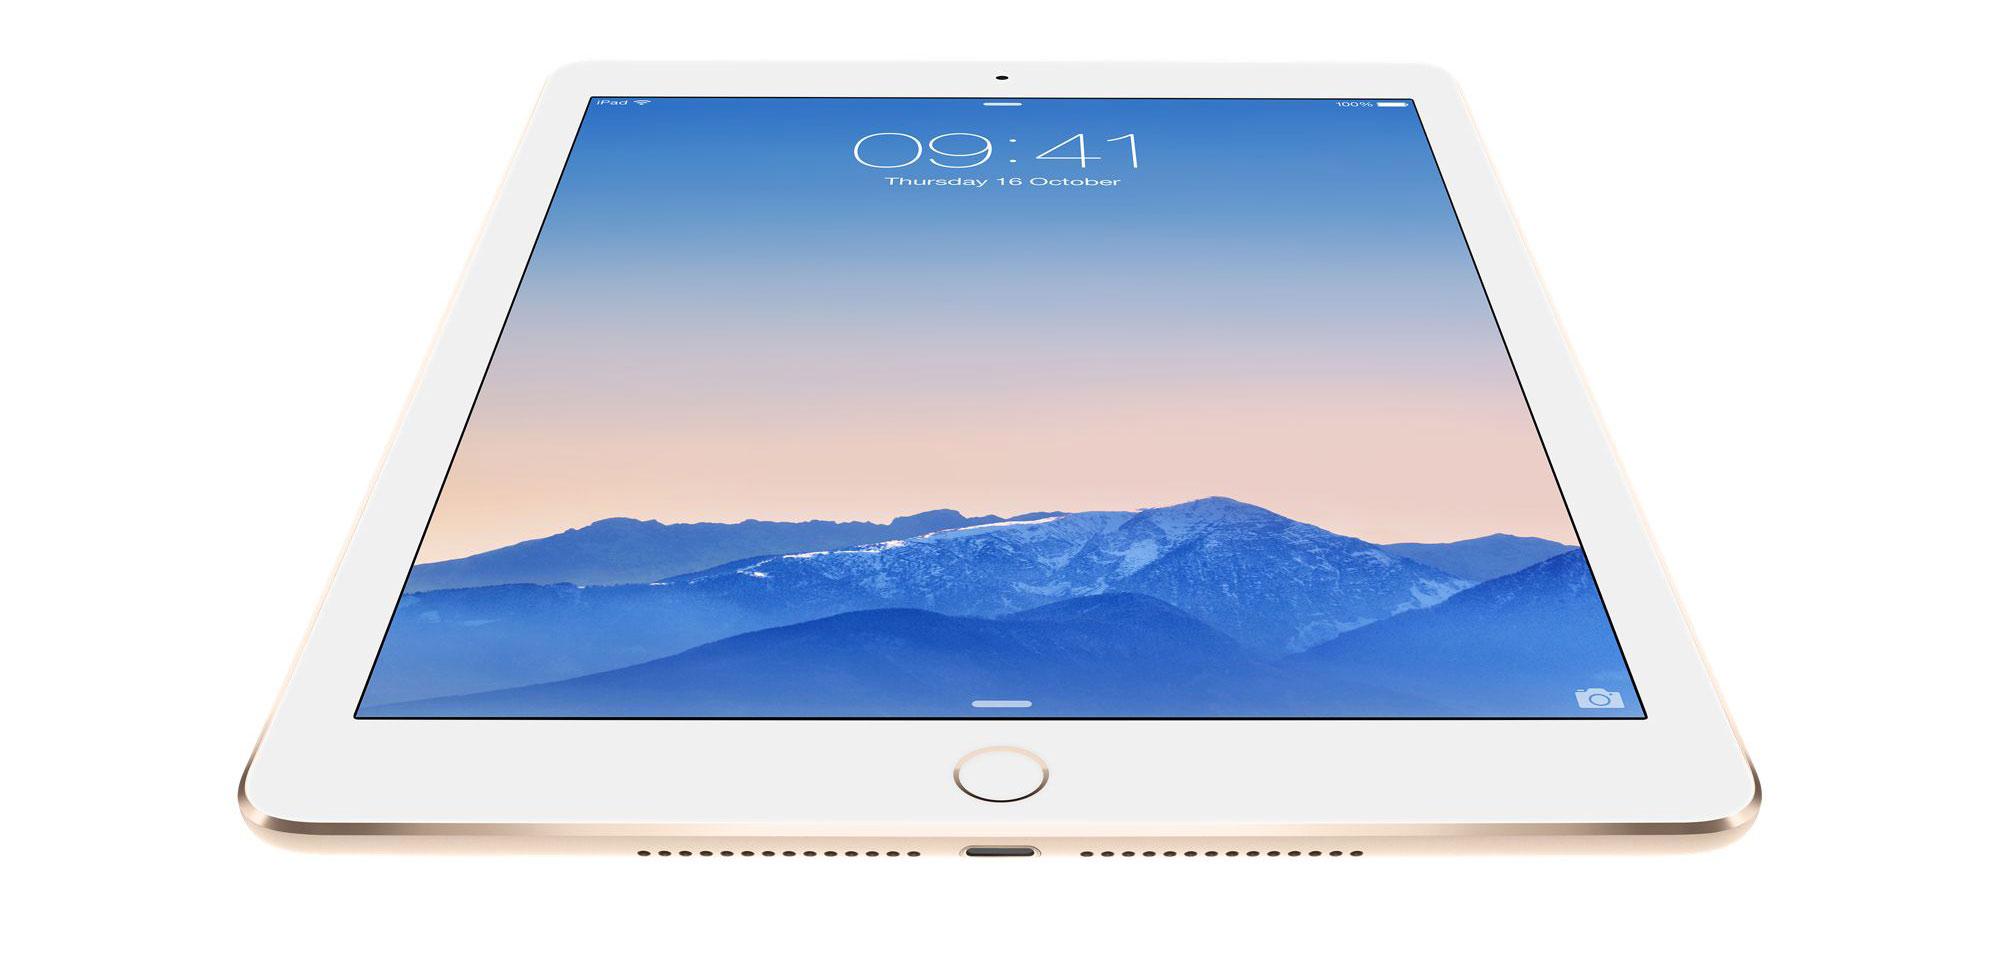 iReview 47/2014 – iPad Air 2 und iTunes Karten